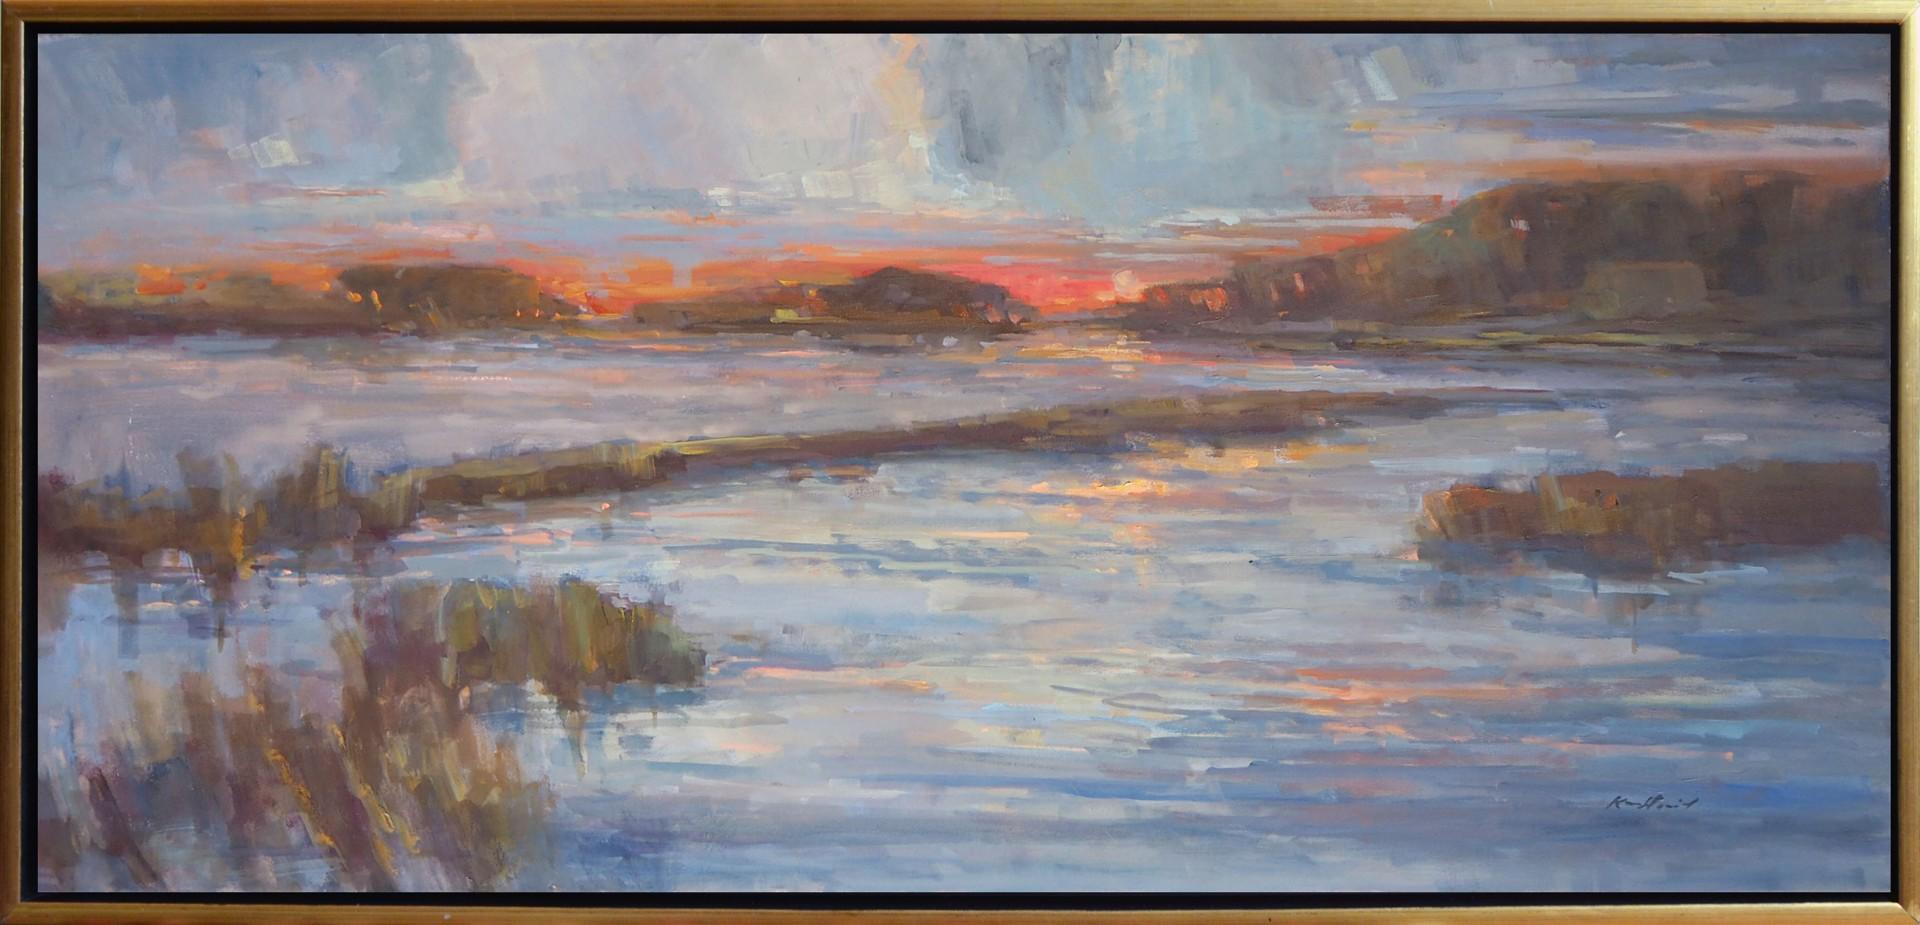 Orange Glow at Sunset by Karen Hewitt Hagan